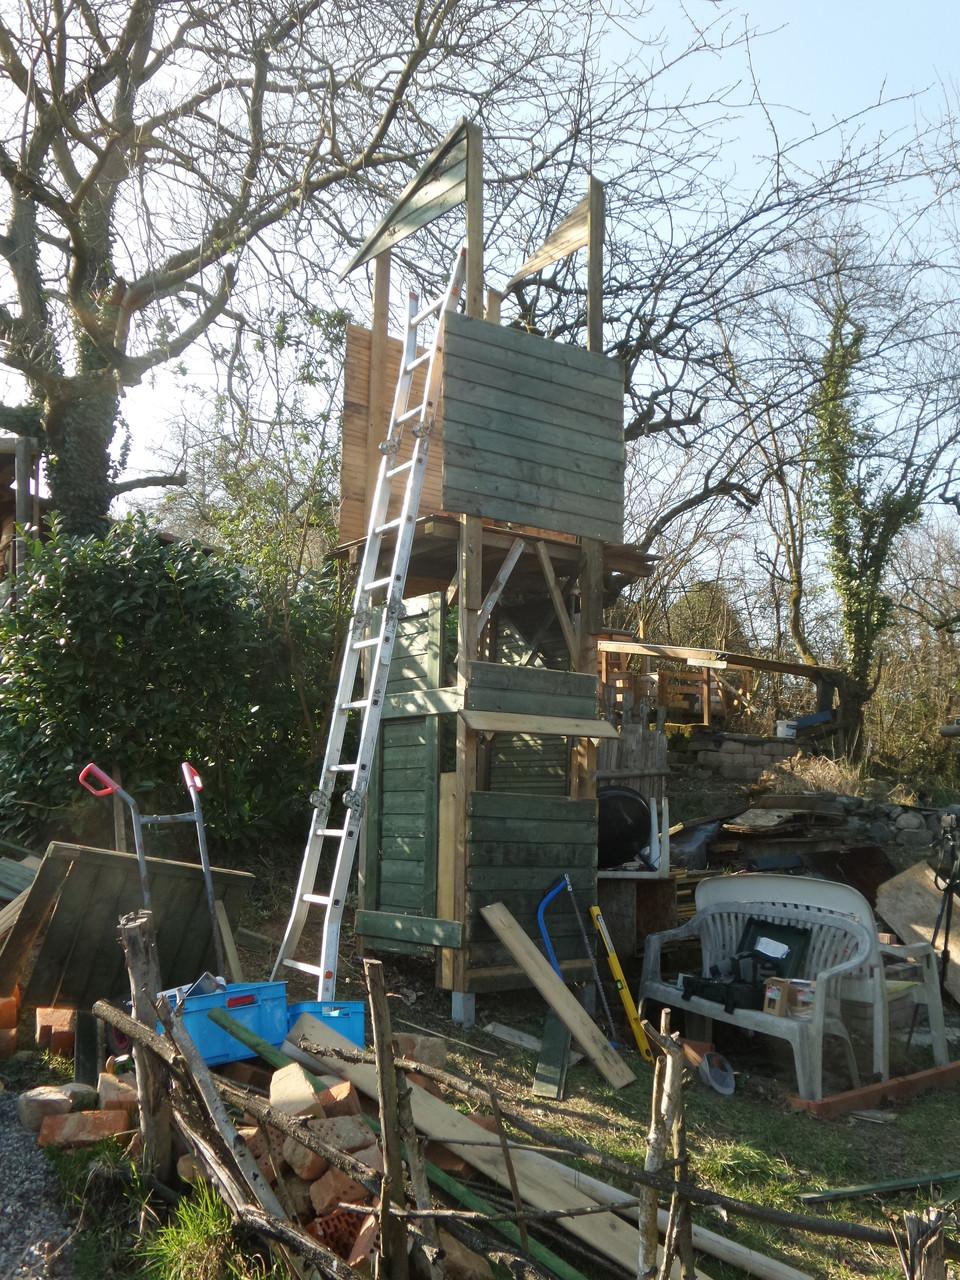 Nun die restlichen Bretter noch verbauen und für oben noch eine kleine Türe zusammen schustern.